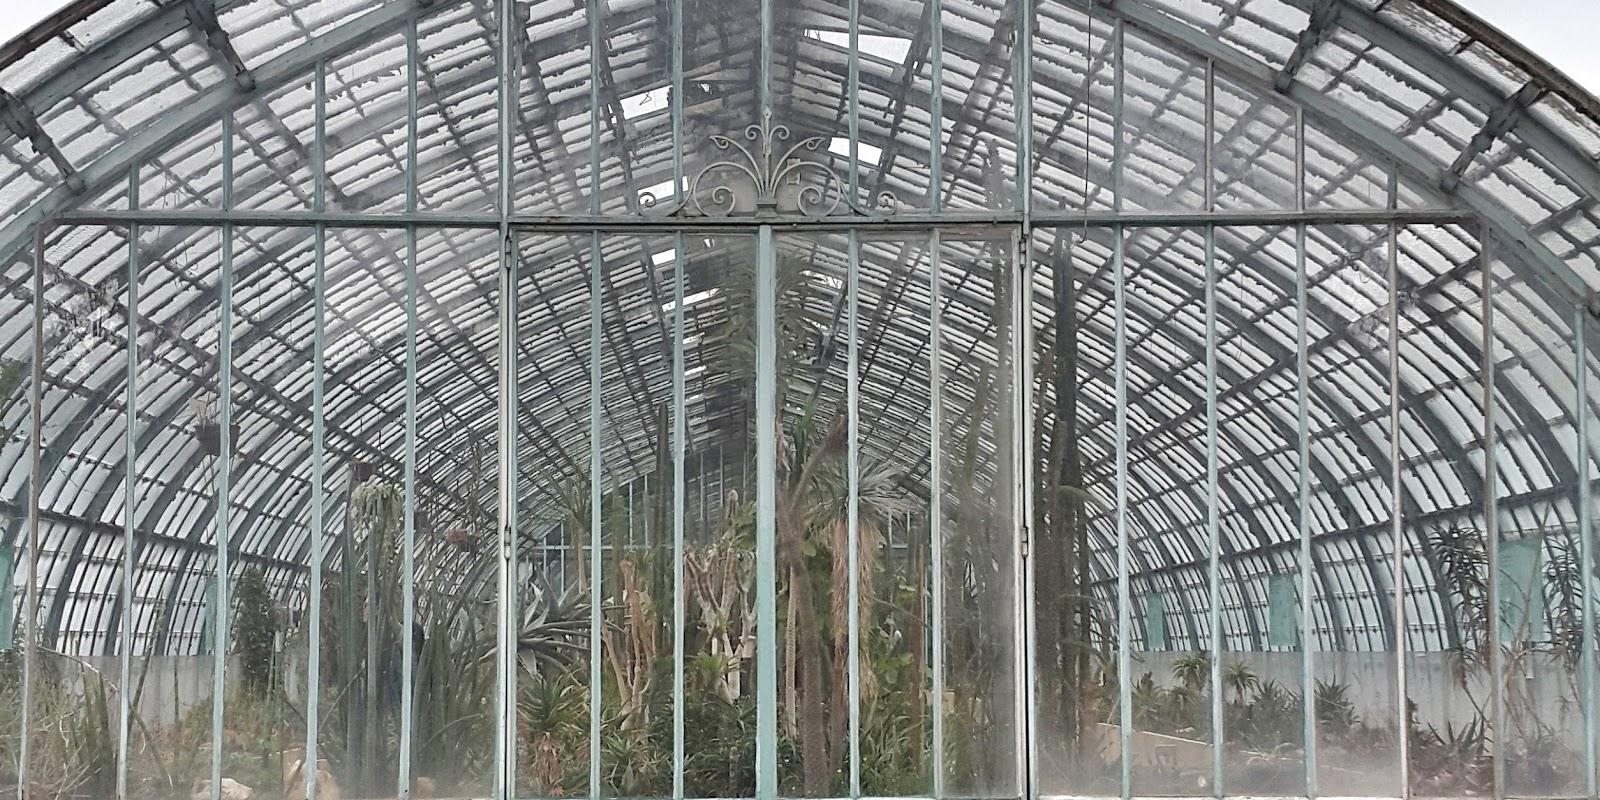 serres d'auteuil, jardin botanique, palmier, paris, jardin tropical, orchidee, carpes